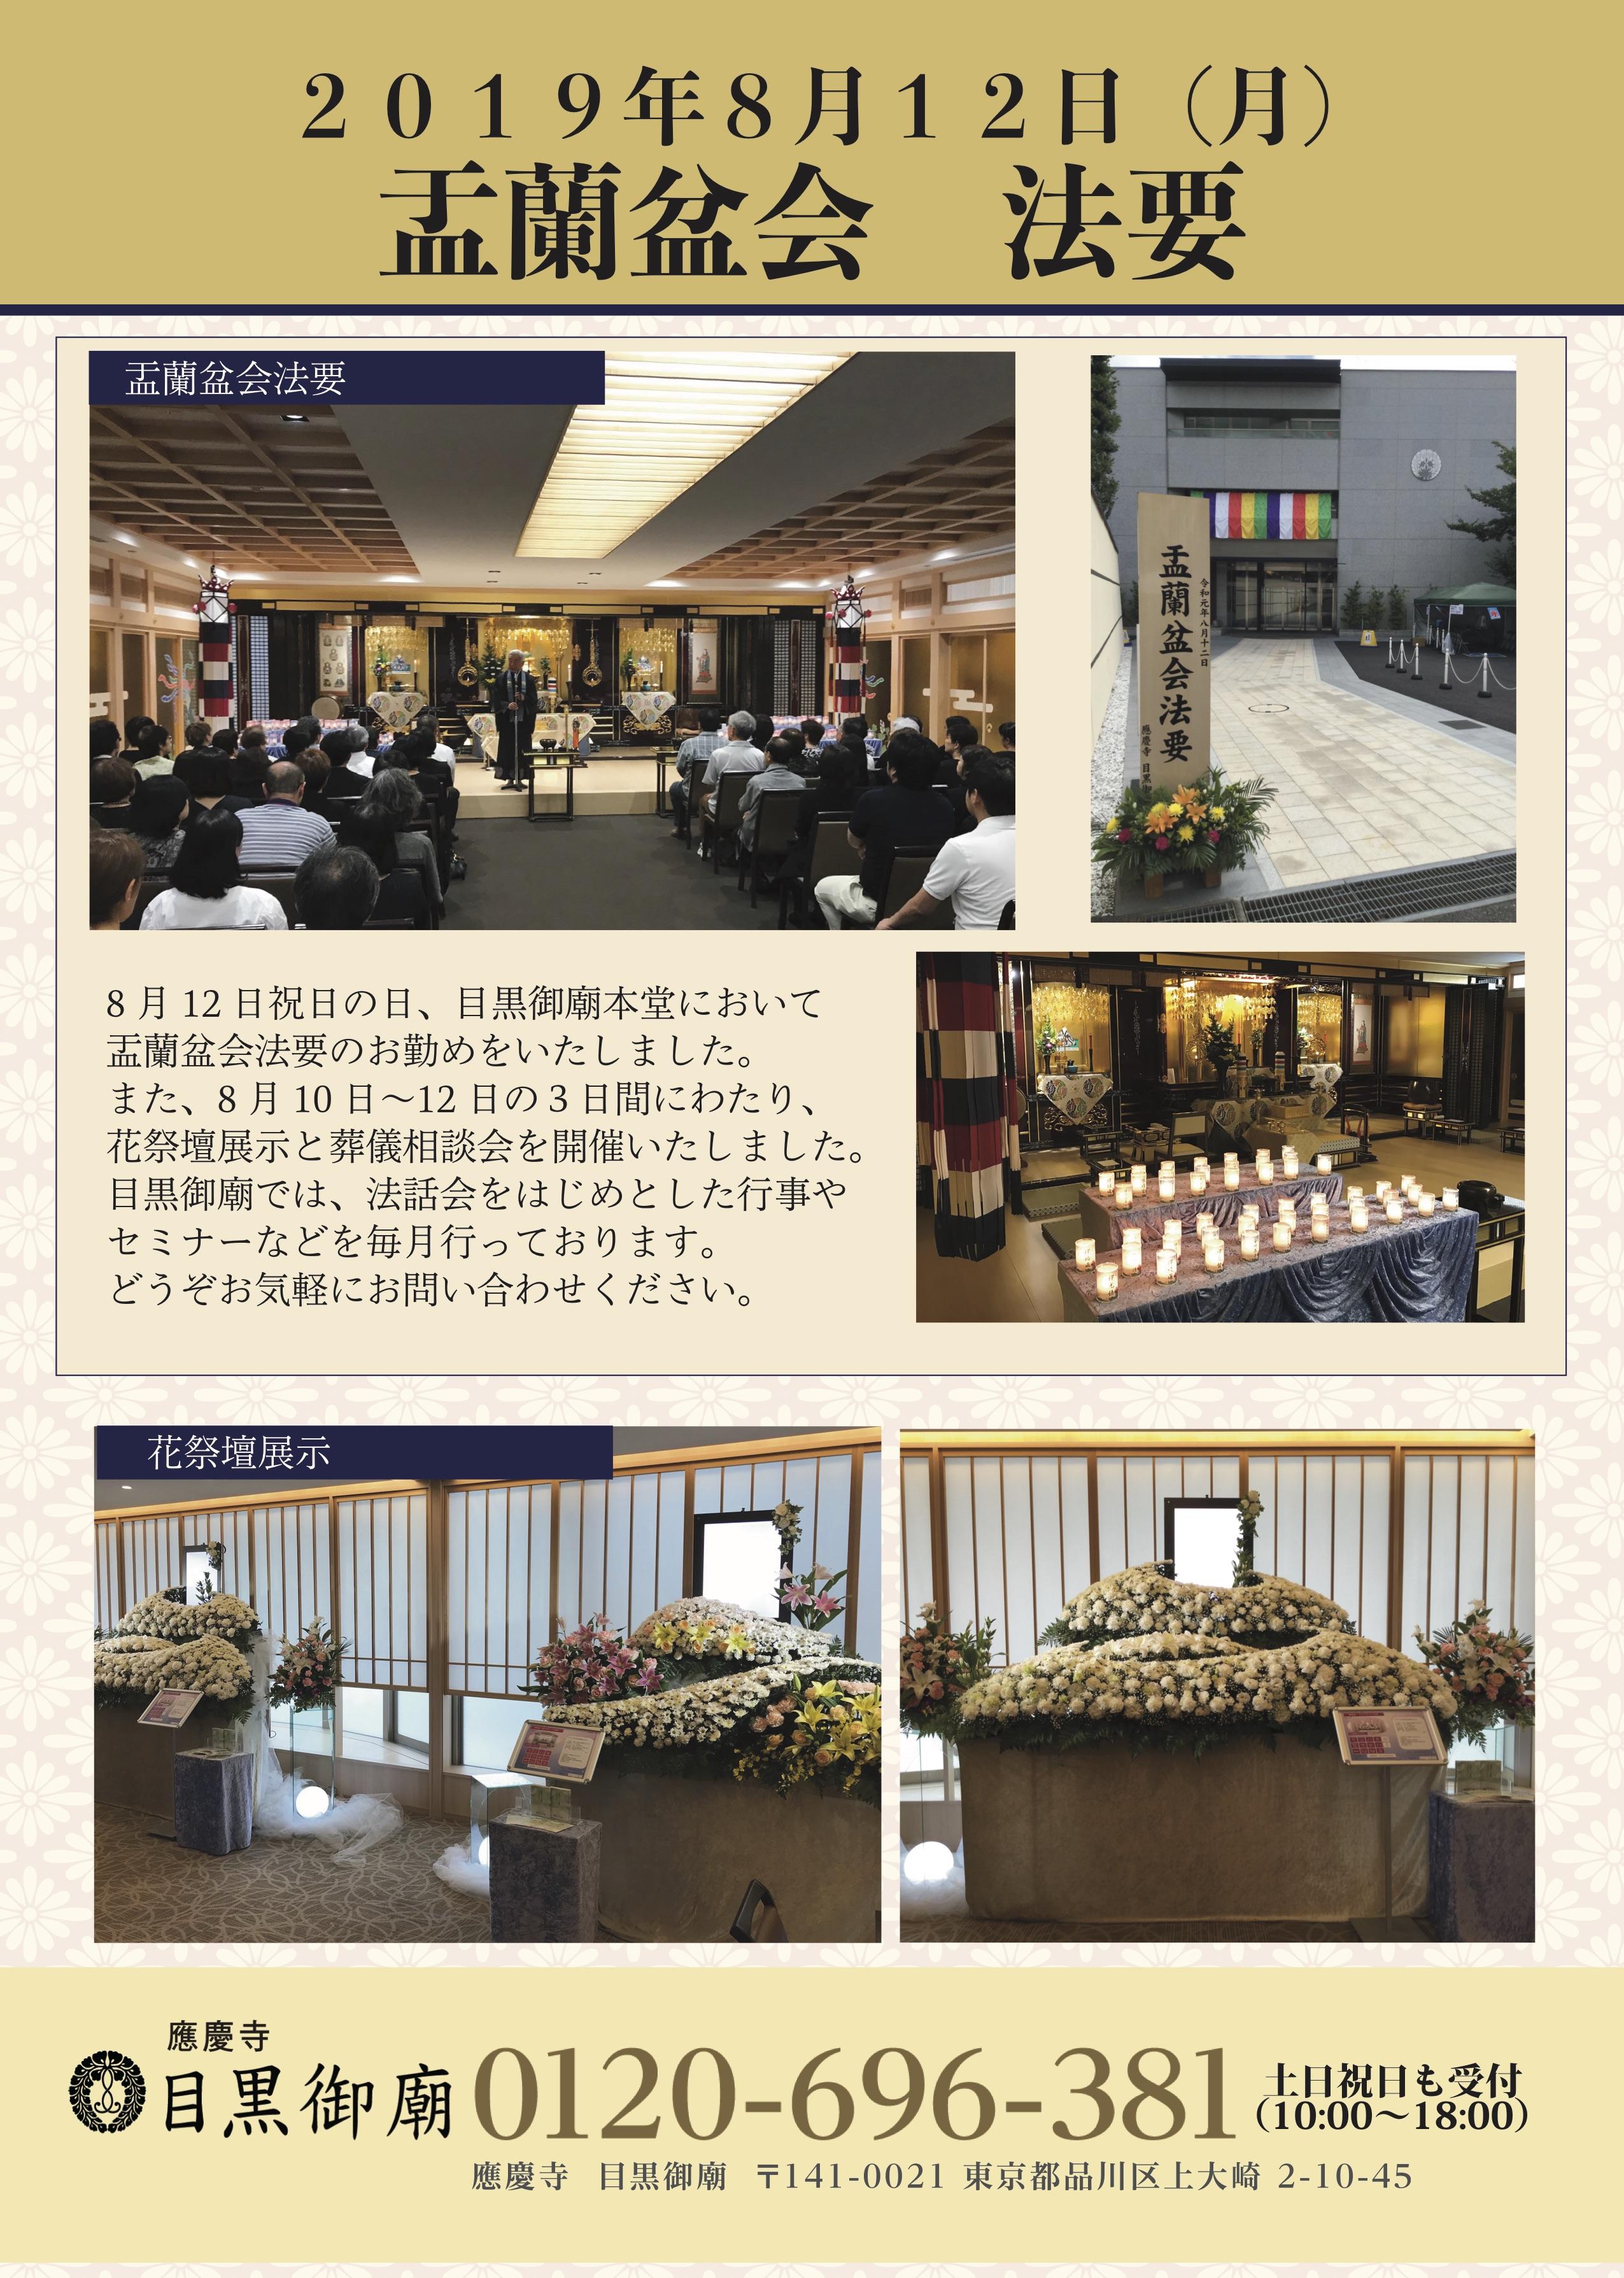 2019年8月 行事報告 盂蘭盆会法要